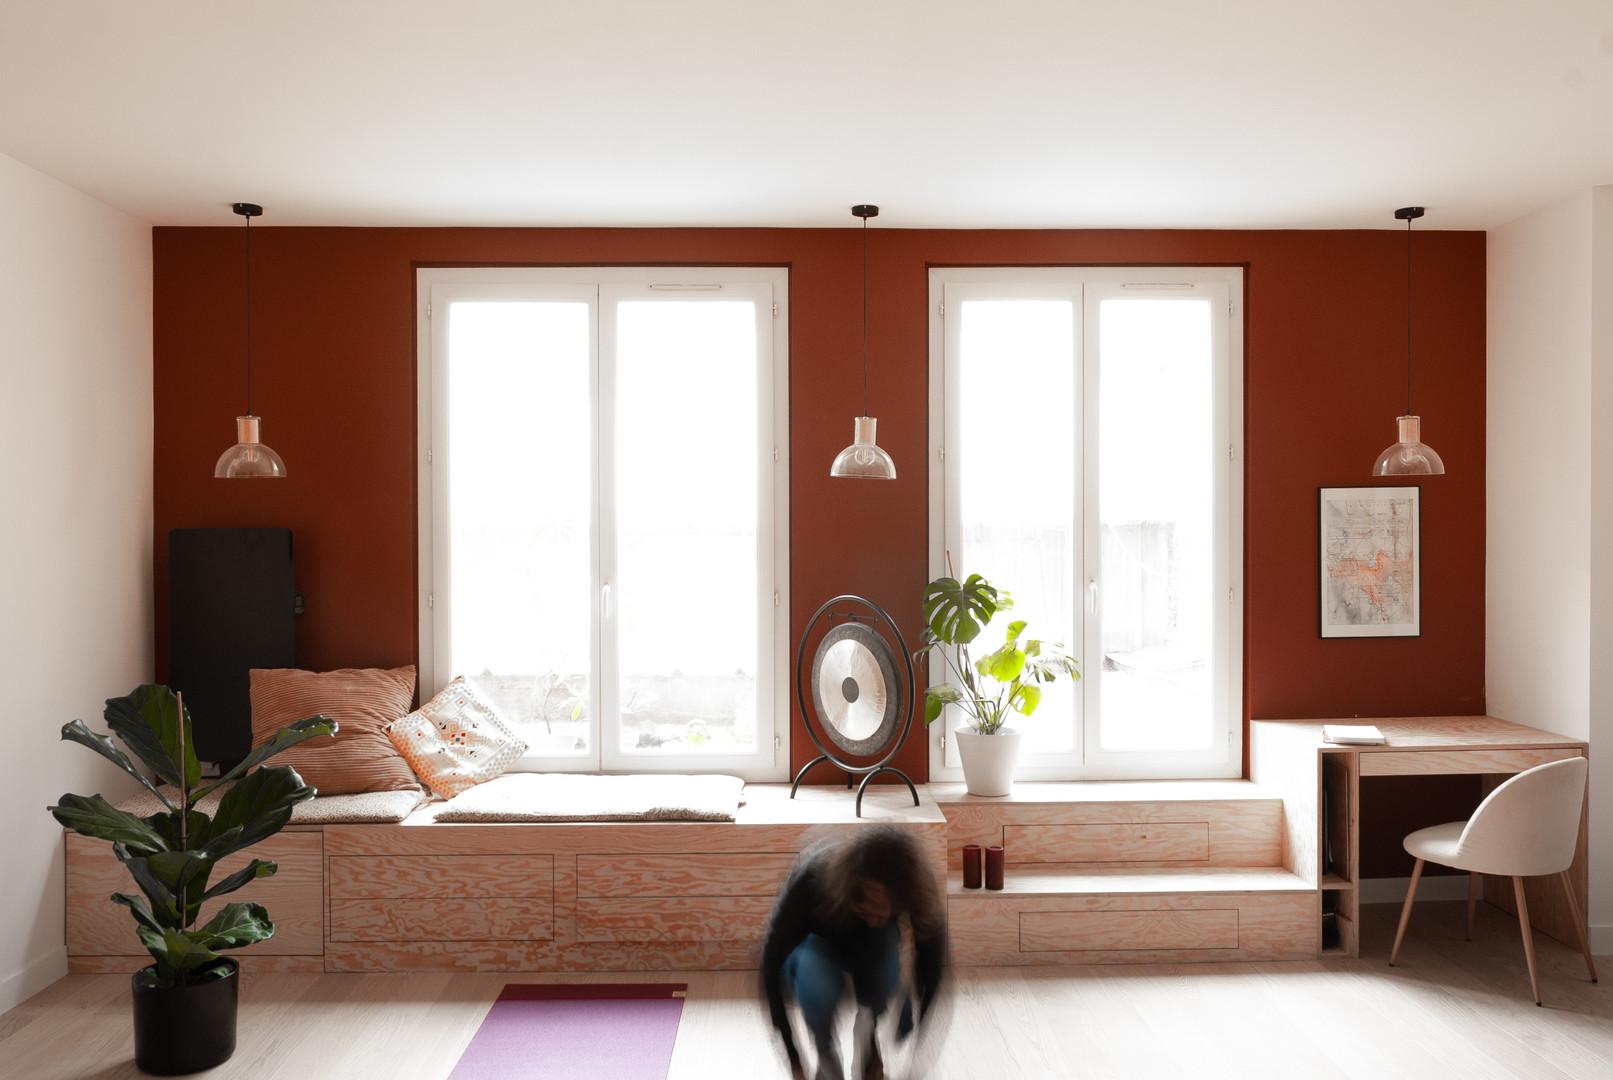 Rajavtar Studio Yoga Healing Art Piano Paris 2